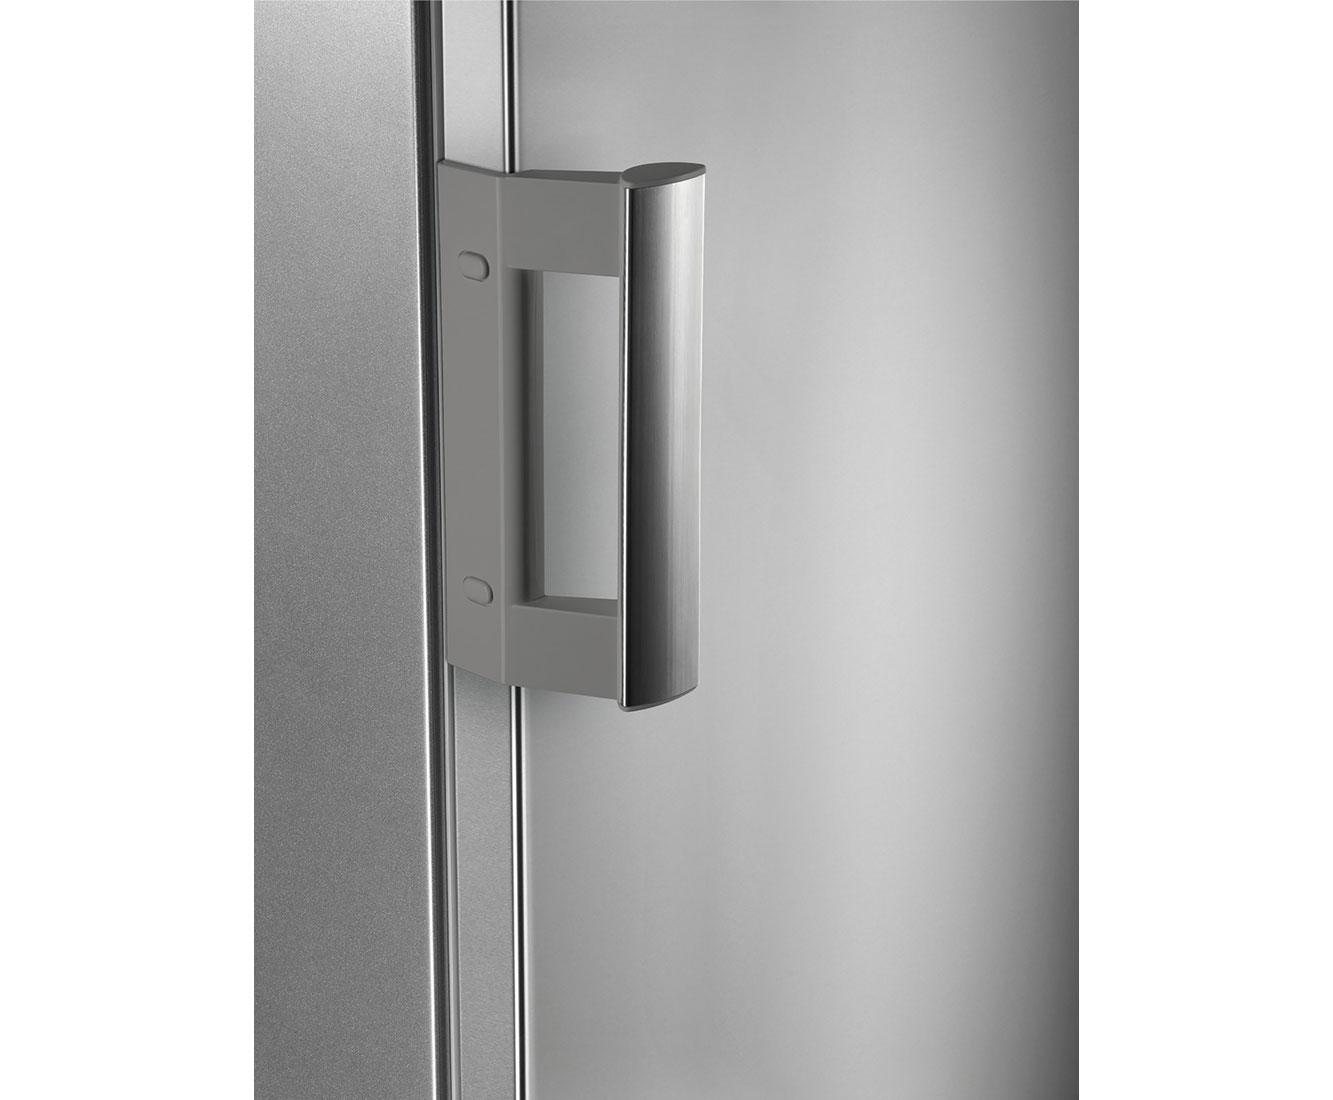 Aeg Kühlschrank Stufen : Aeg rtb ax kühlschrank santo freistehend cm edelstahl neu ebay